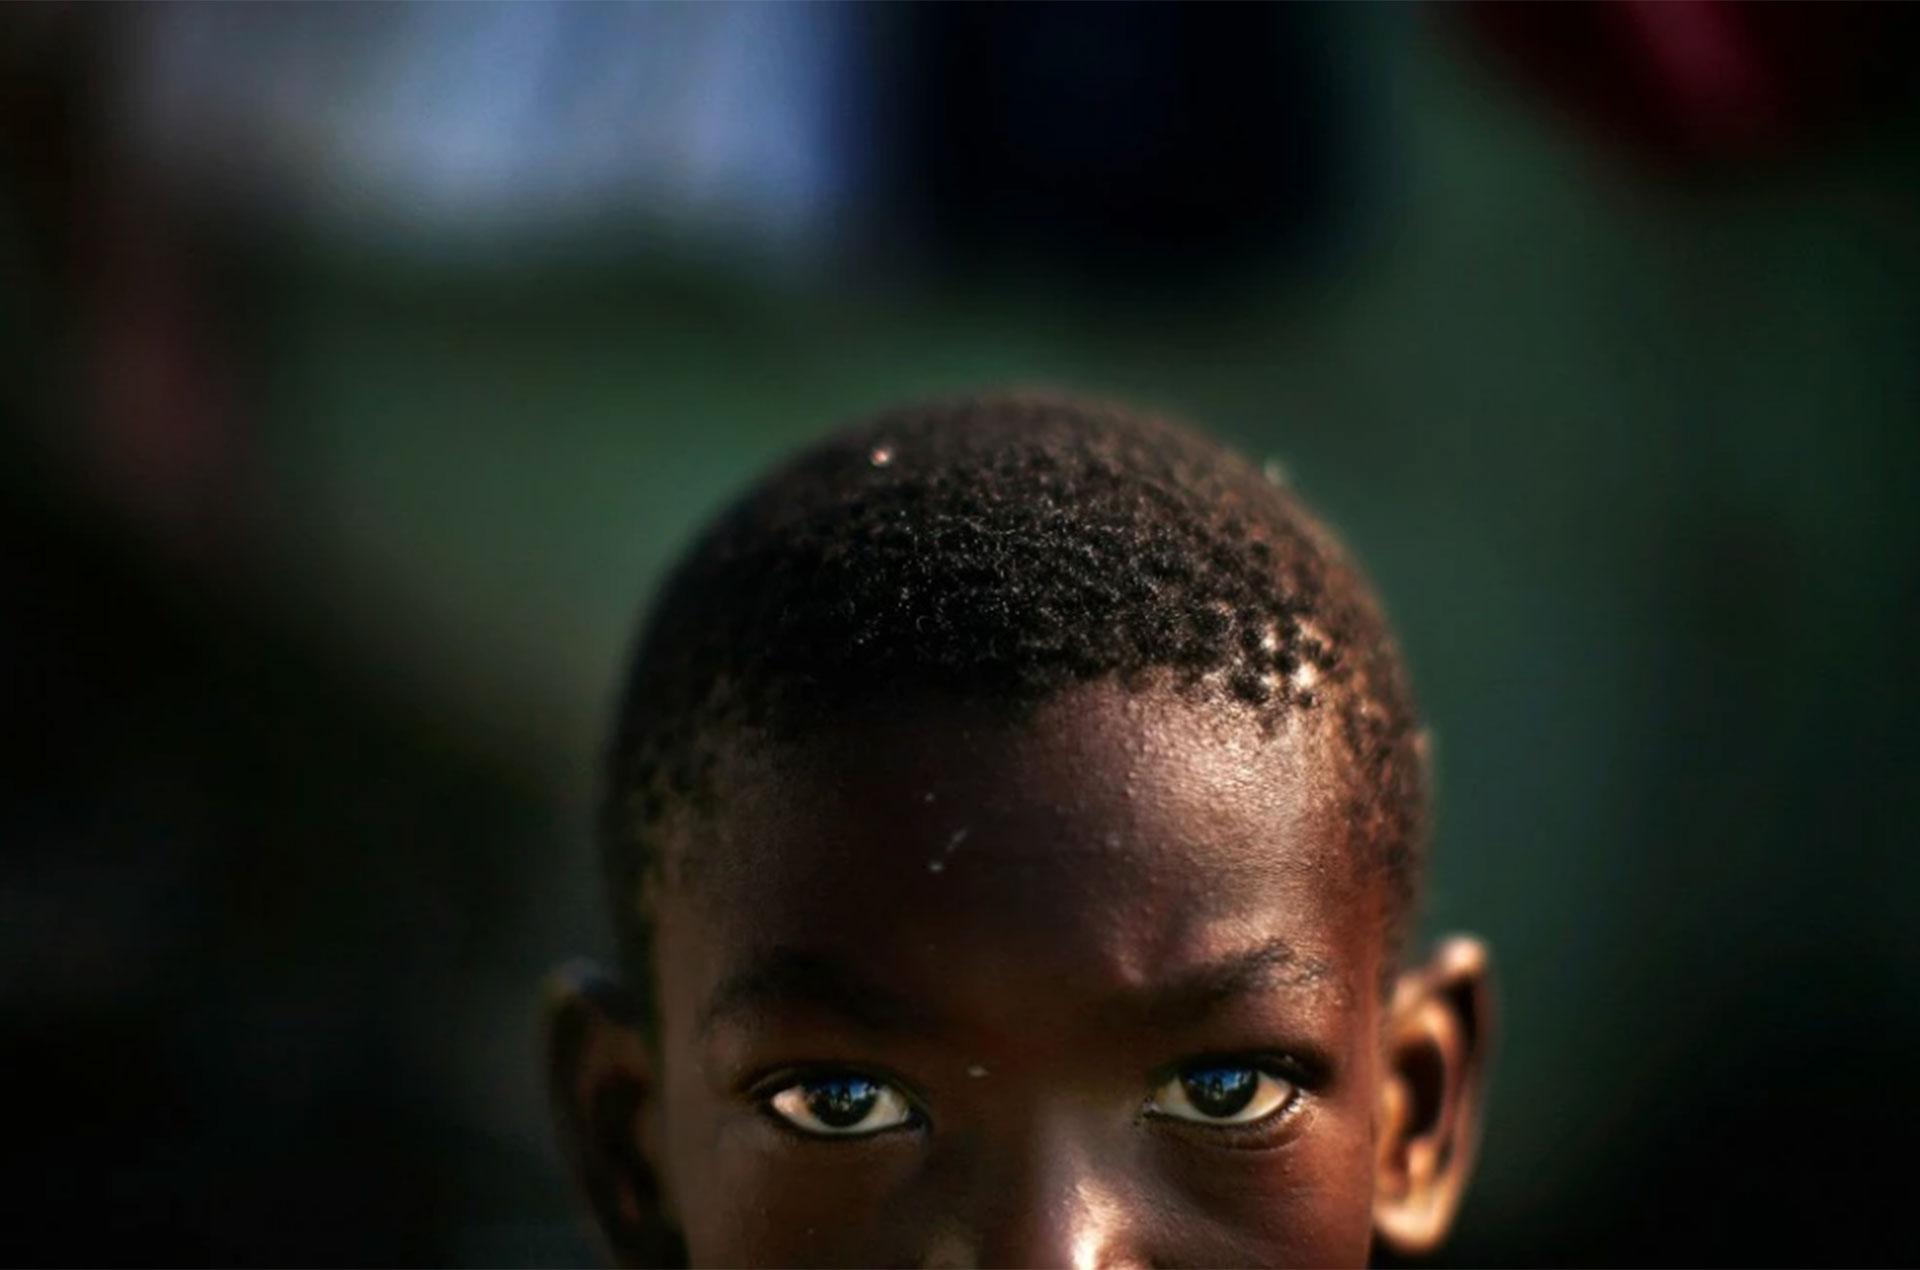 Alexis Mertulus, de 10 años en 2010, está de pie en el Campo Mais en Puerto Príncipe. Es uno de los tantos que sufrieron las consecuencias del devastador terremoto